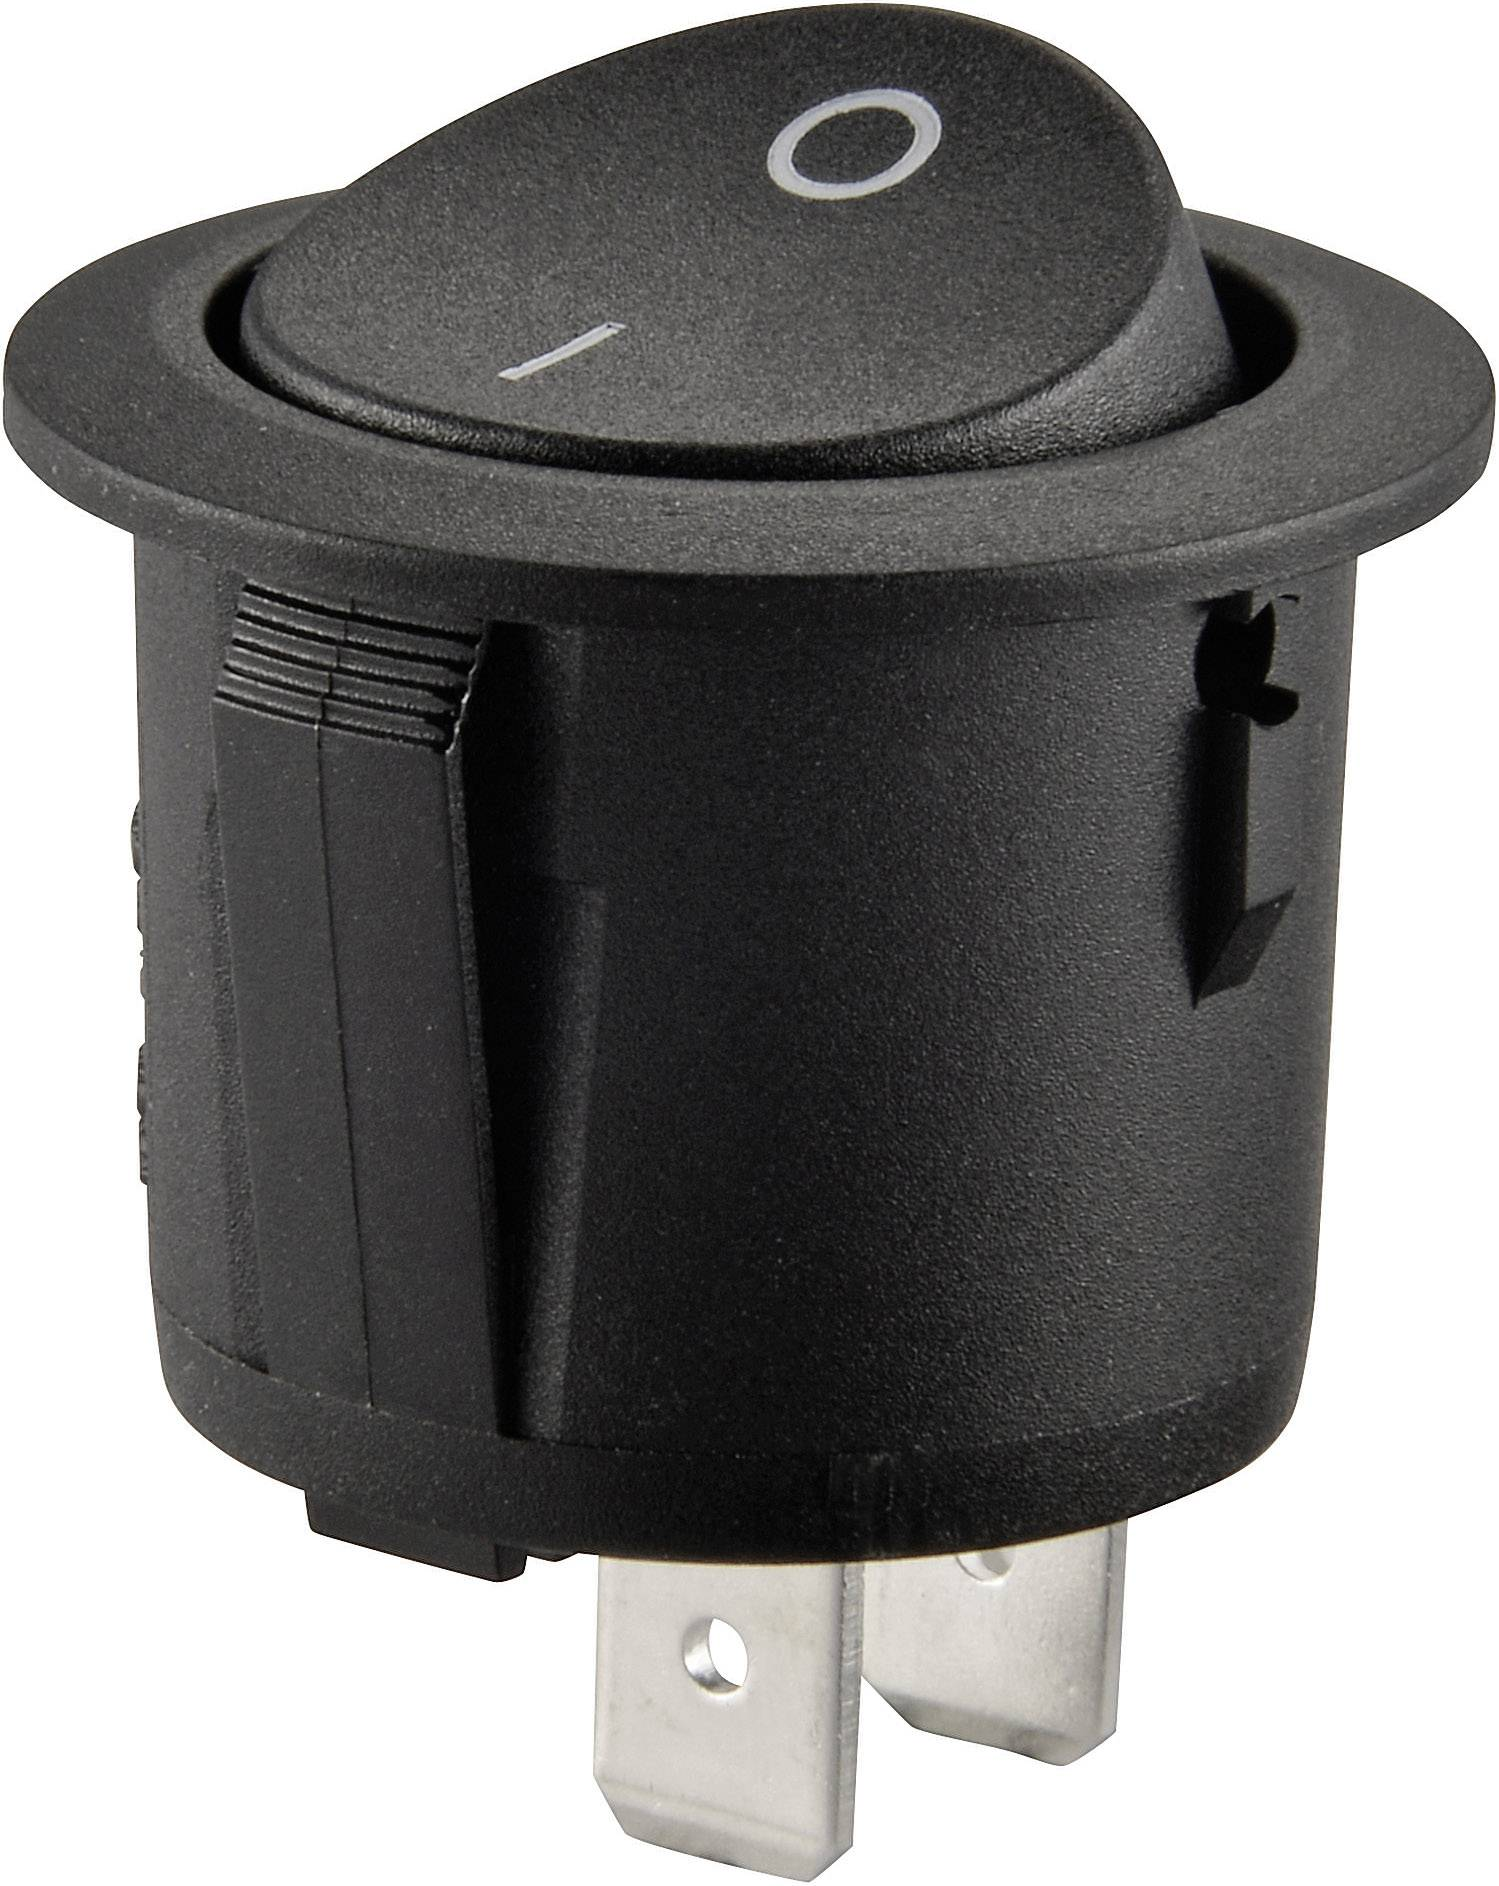 Kolískový spínač s aretáciou SCI R13-223A-01, 250 V/AC, 10 A, 1x vyp/zap, 1 ks